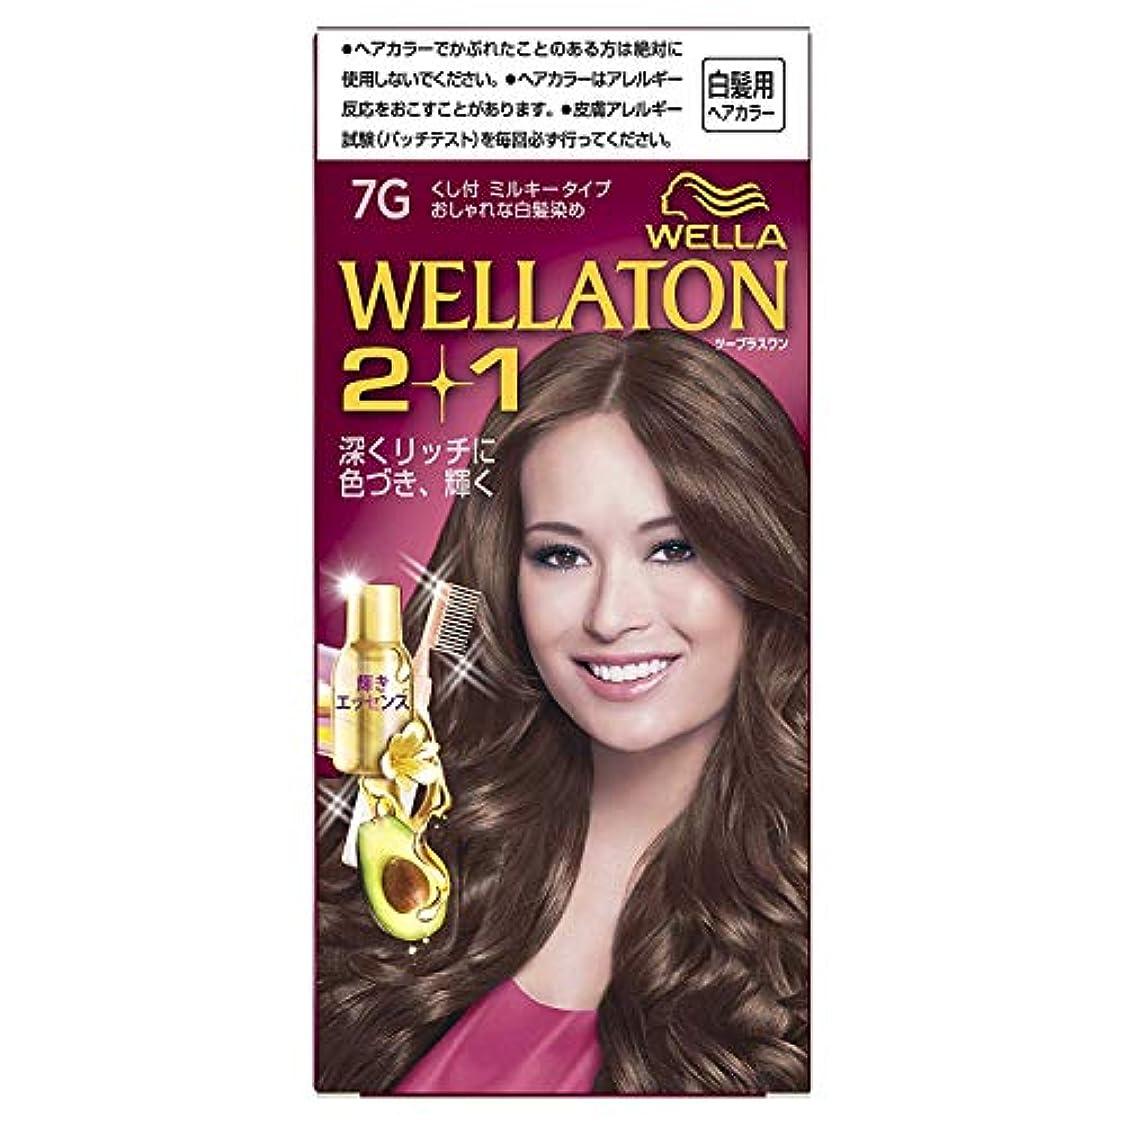 謝る設計図ゆりウエラトーン2+1 白髪染め くし付ミルキータイプ 7G [医薬部外品] ×6個